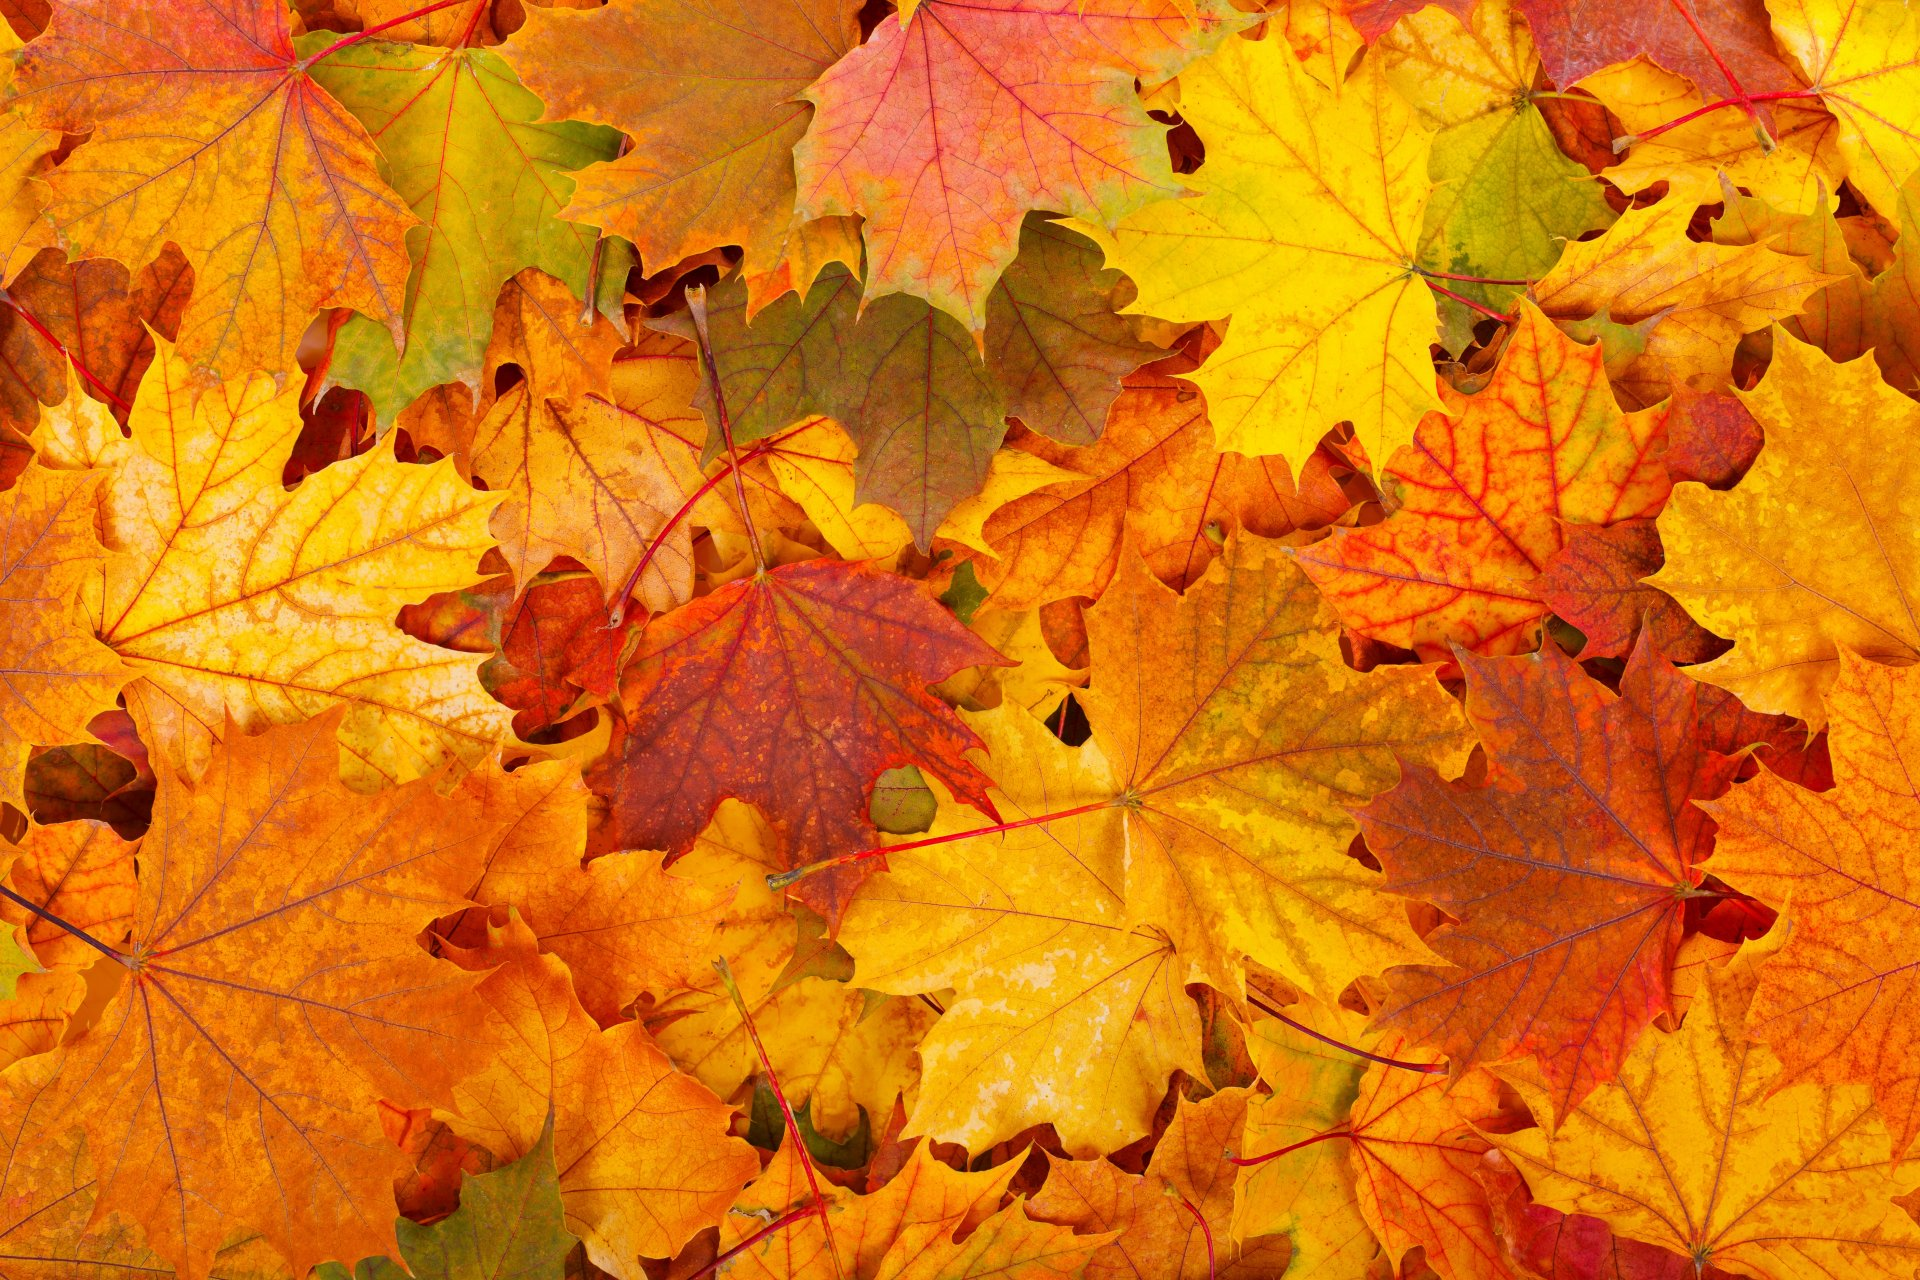 маленькой дугой осенний листопад картинки вид грызунов распространен